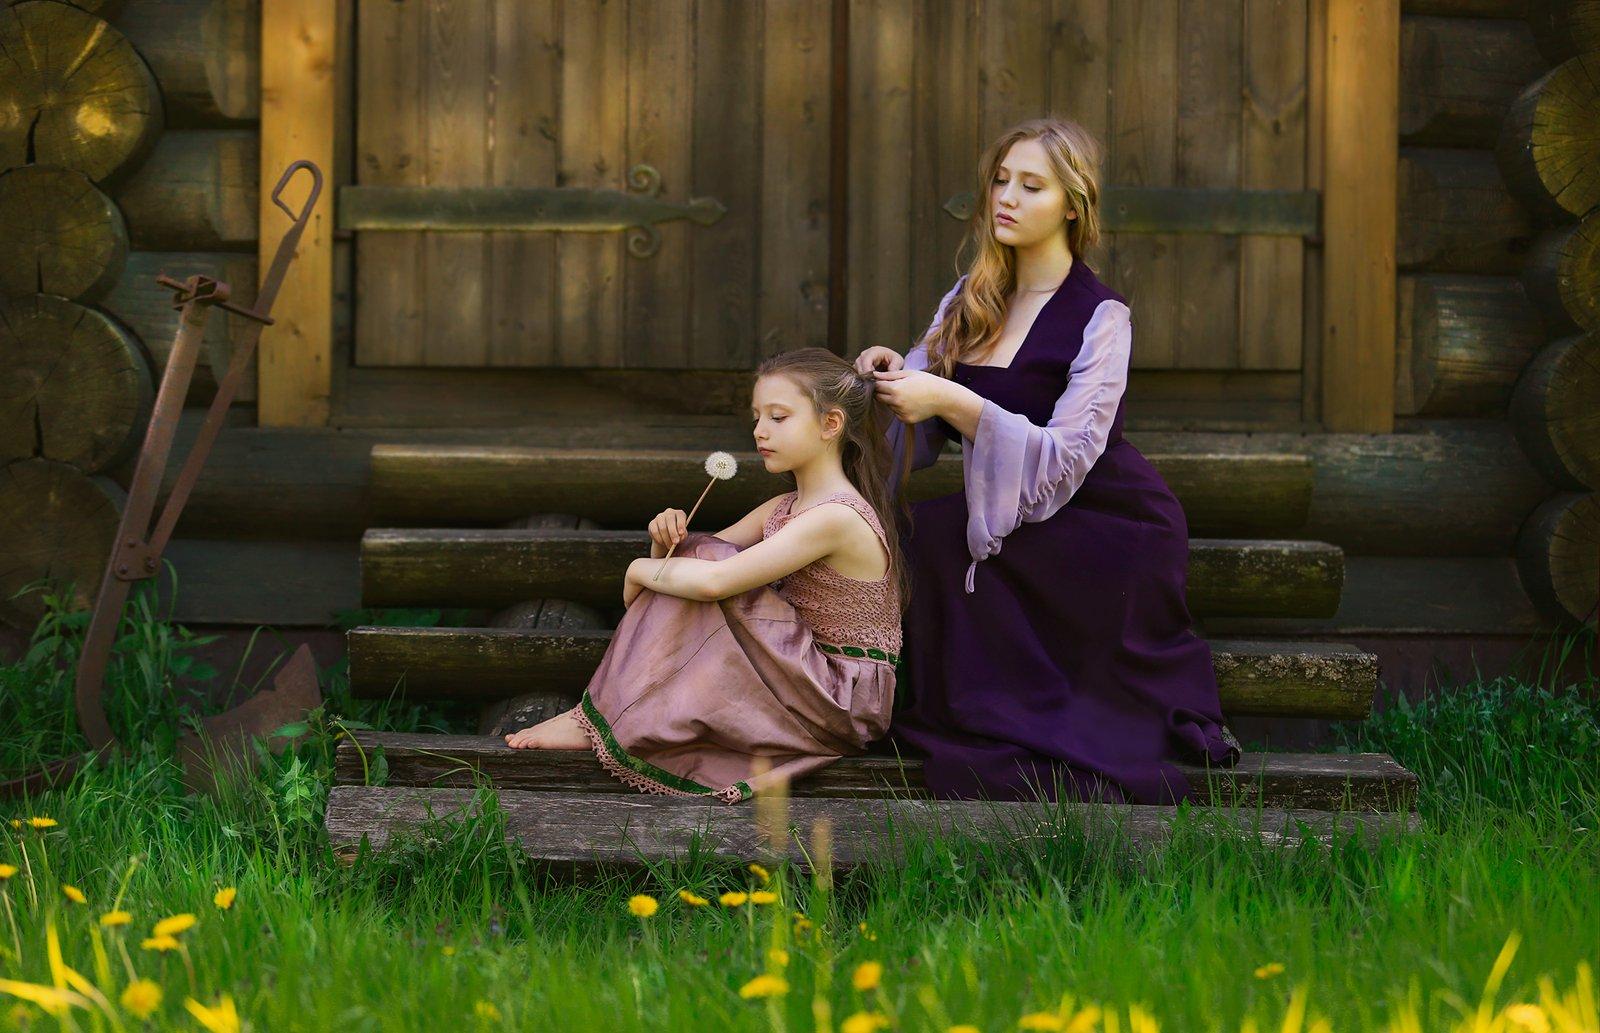 девушка, девочка, красота, природа, портрет, свет, цвет, мгновение, момент, платье, блондинка, жанр, жанровый портрет, истории из детсва, Постонен Екатерина